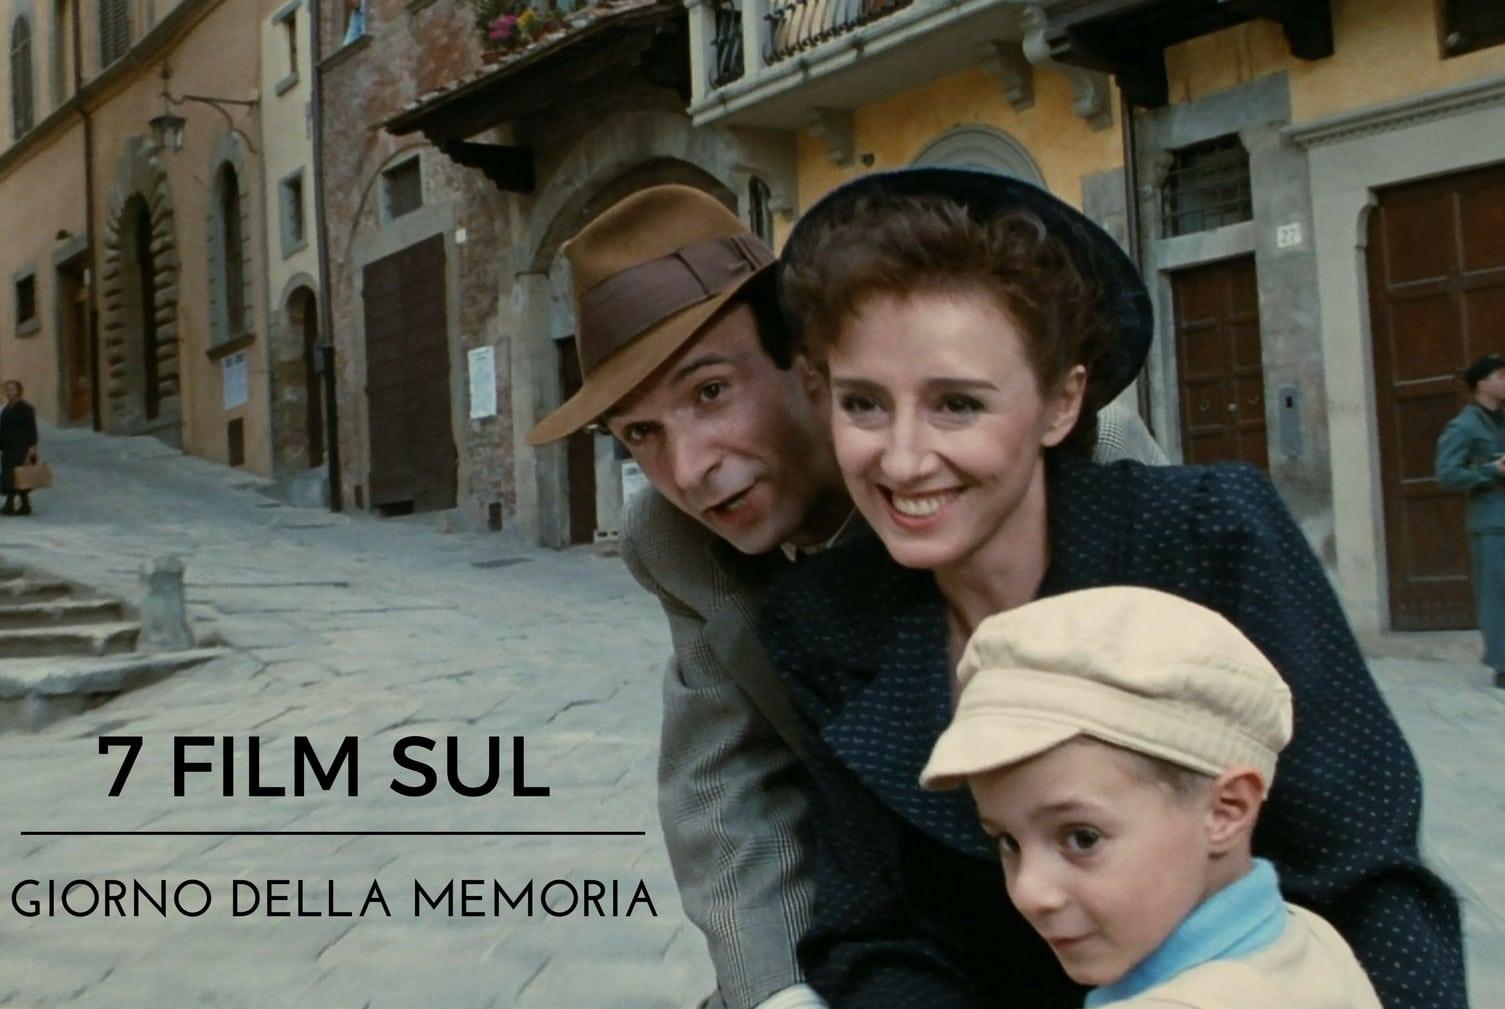 FILM PER RAGAZZI SUL GIORNO DELLA MEMORIA